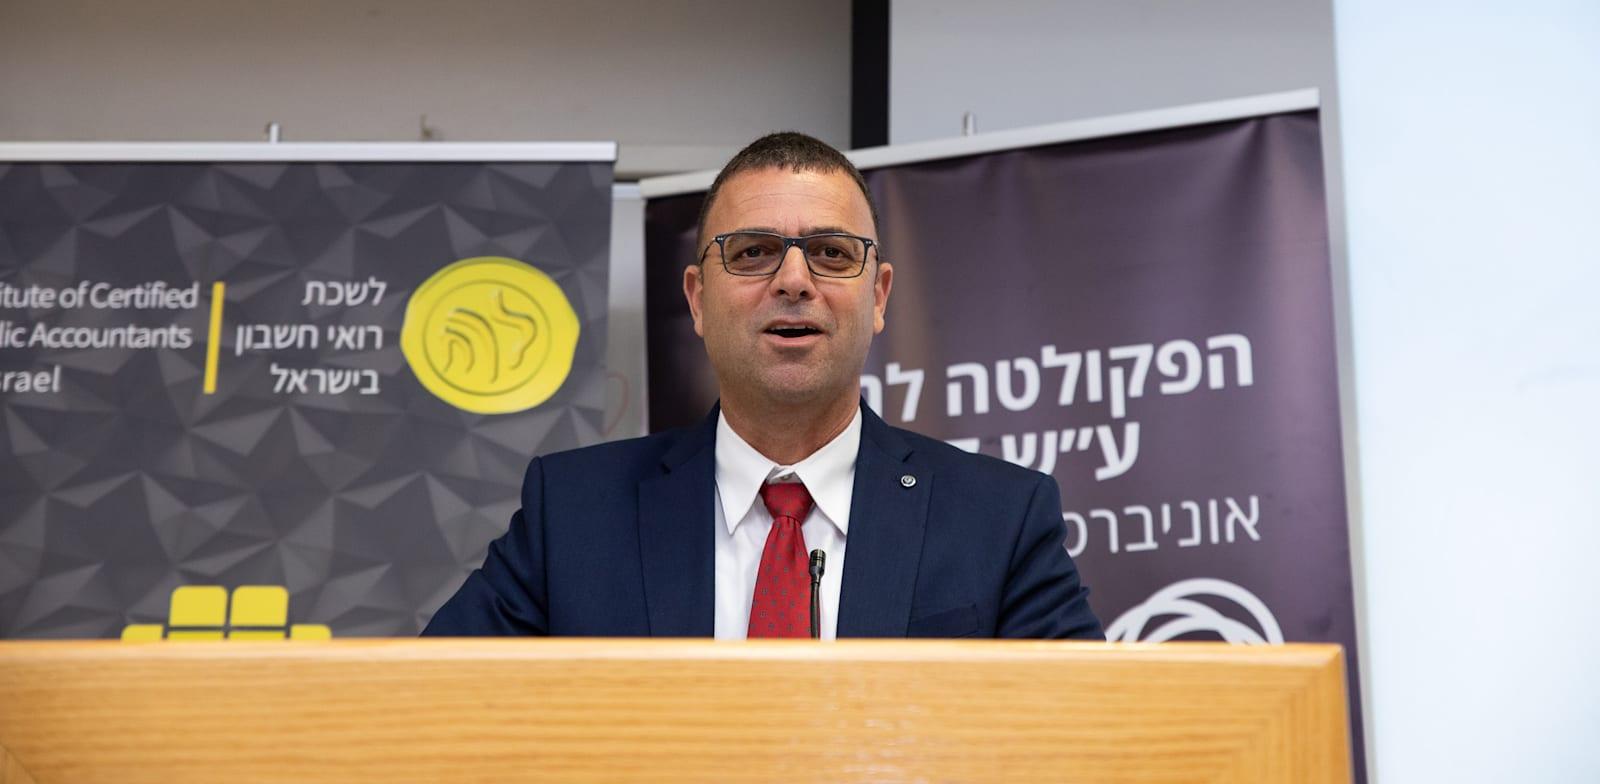 """רו""""ח חן שרייבר, נשיא לשכת רואי החשבון הנבחר / צילום: כדיה לוי"""